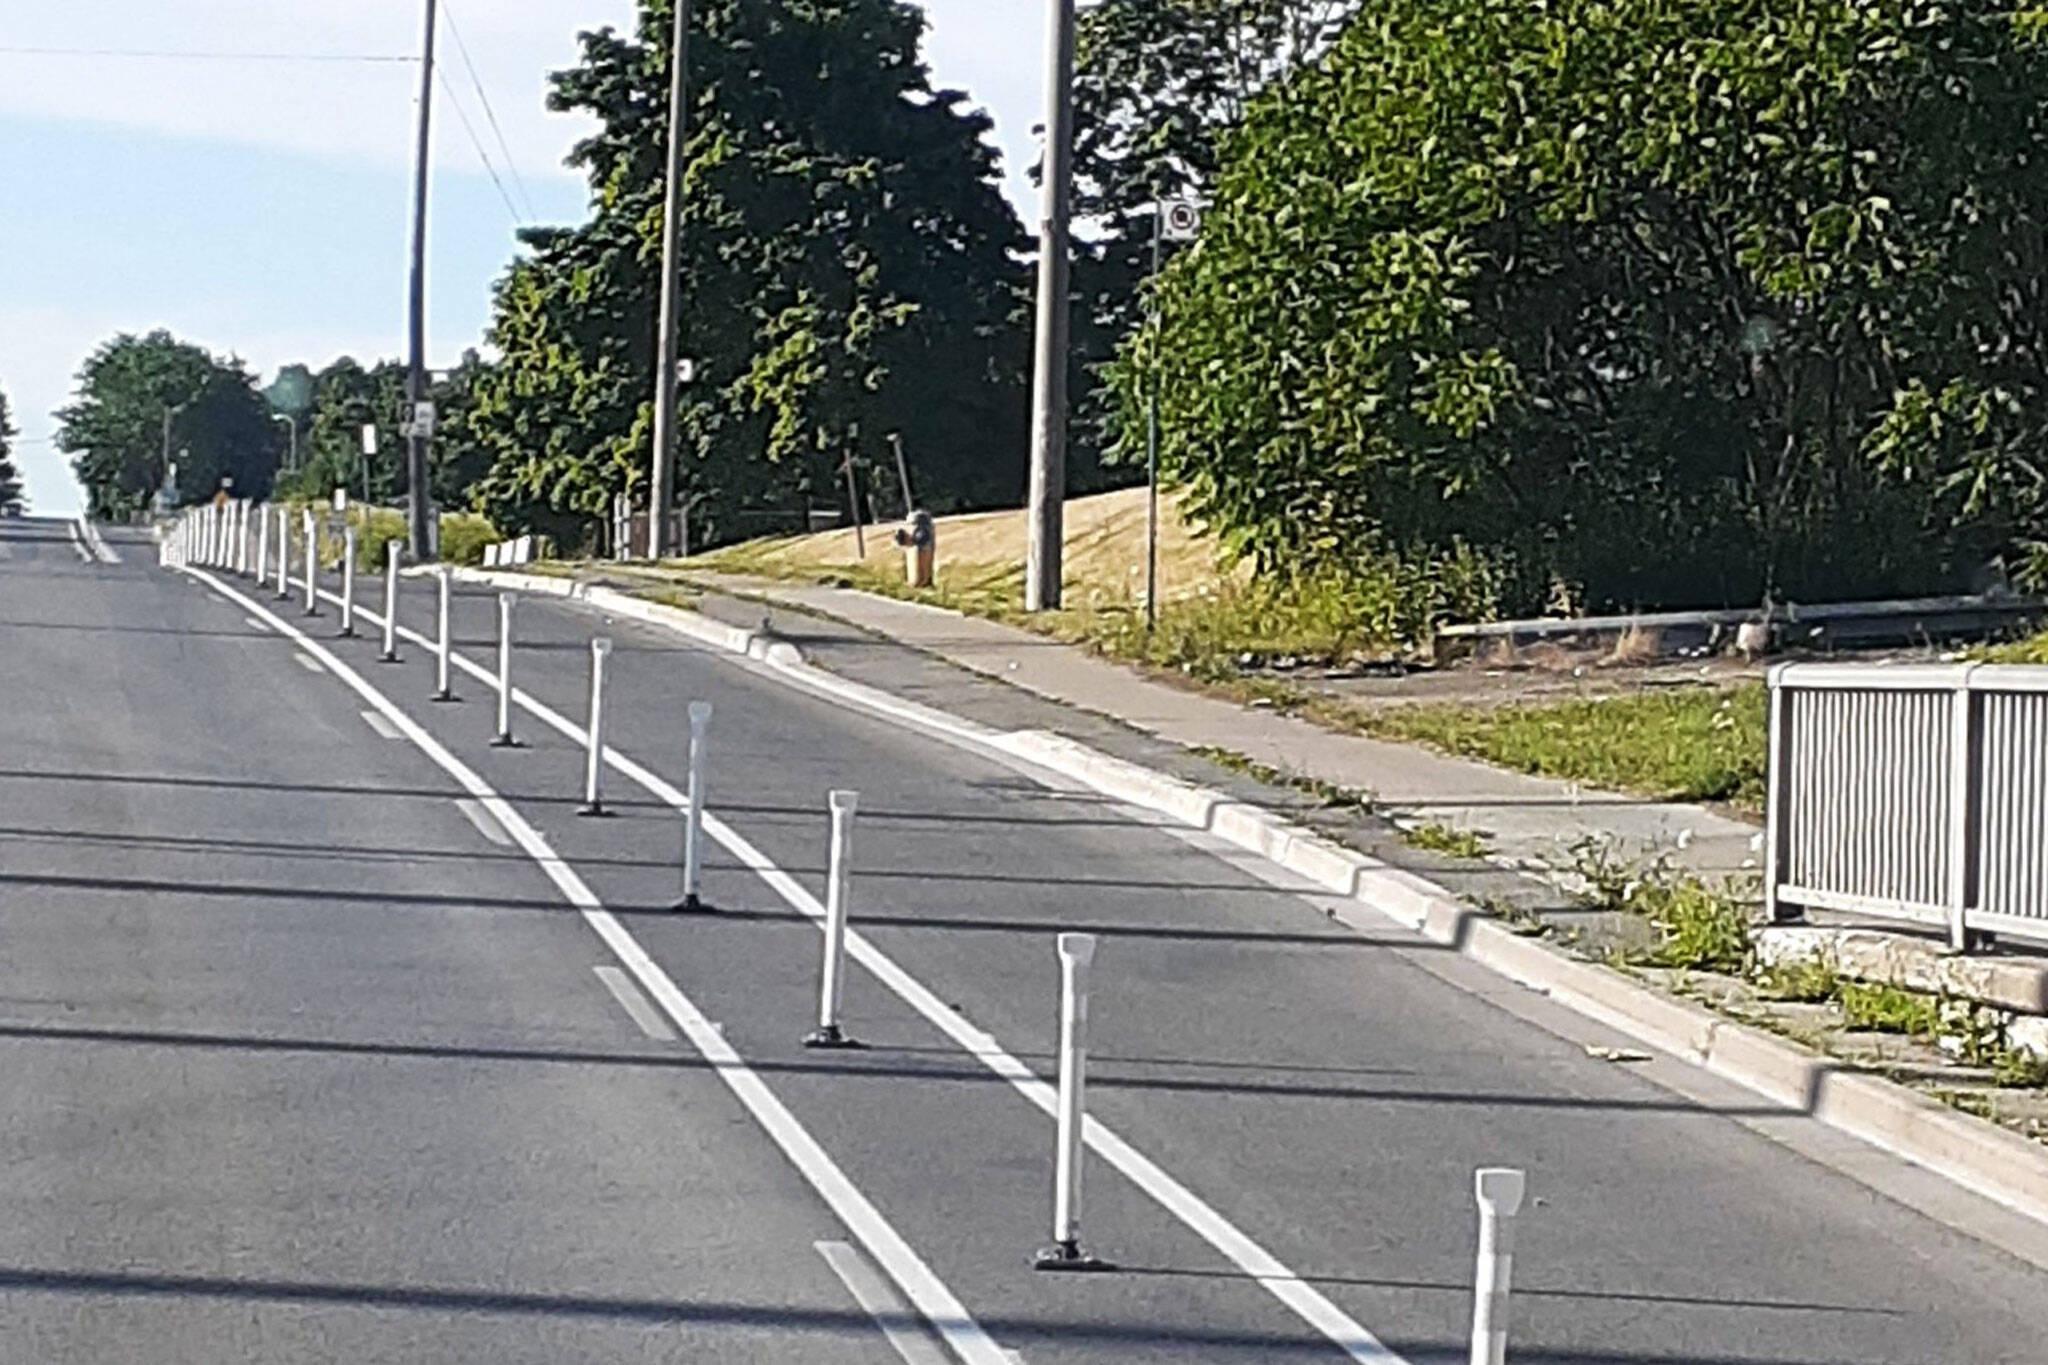 brimley bike lanes toronto